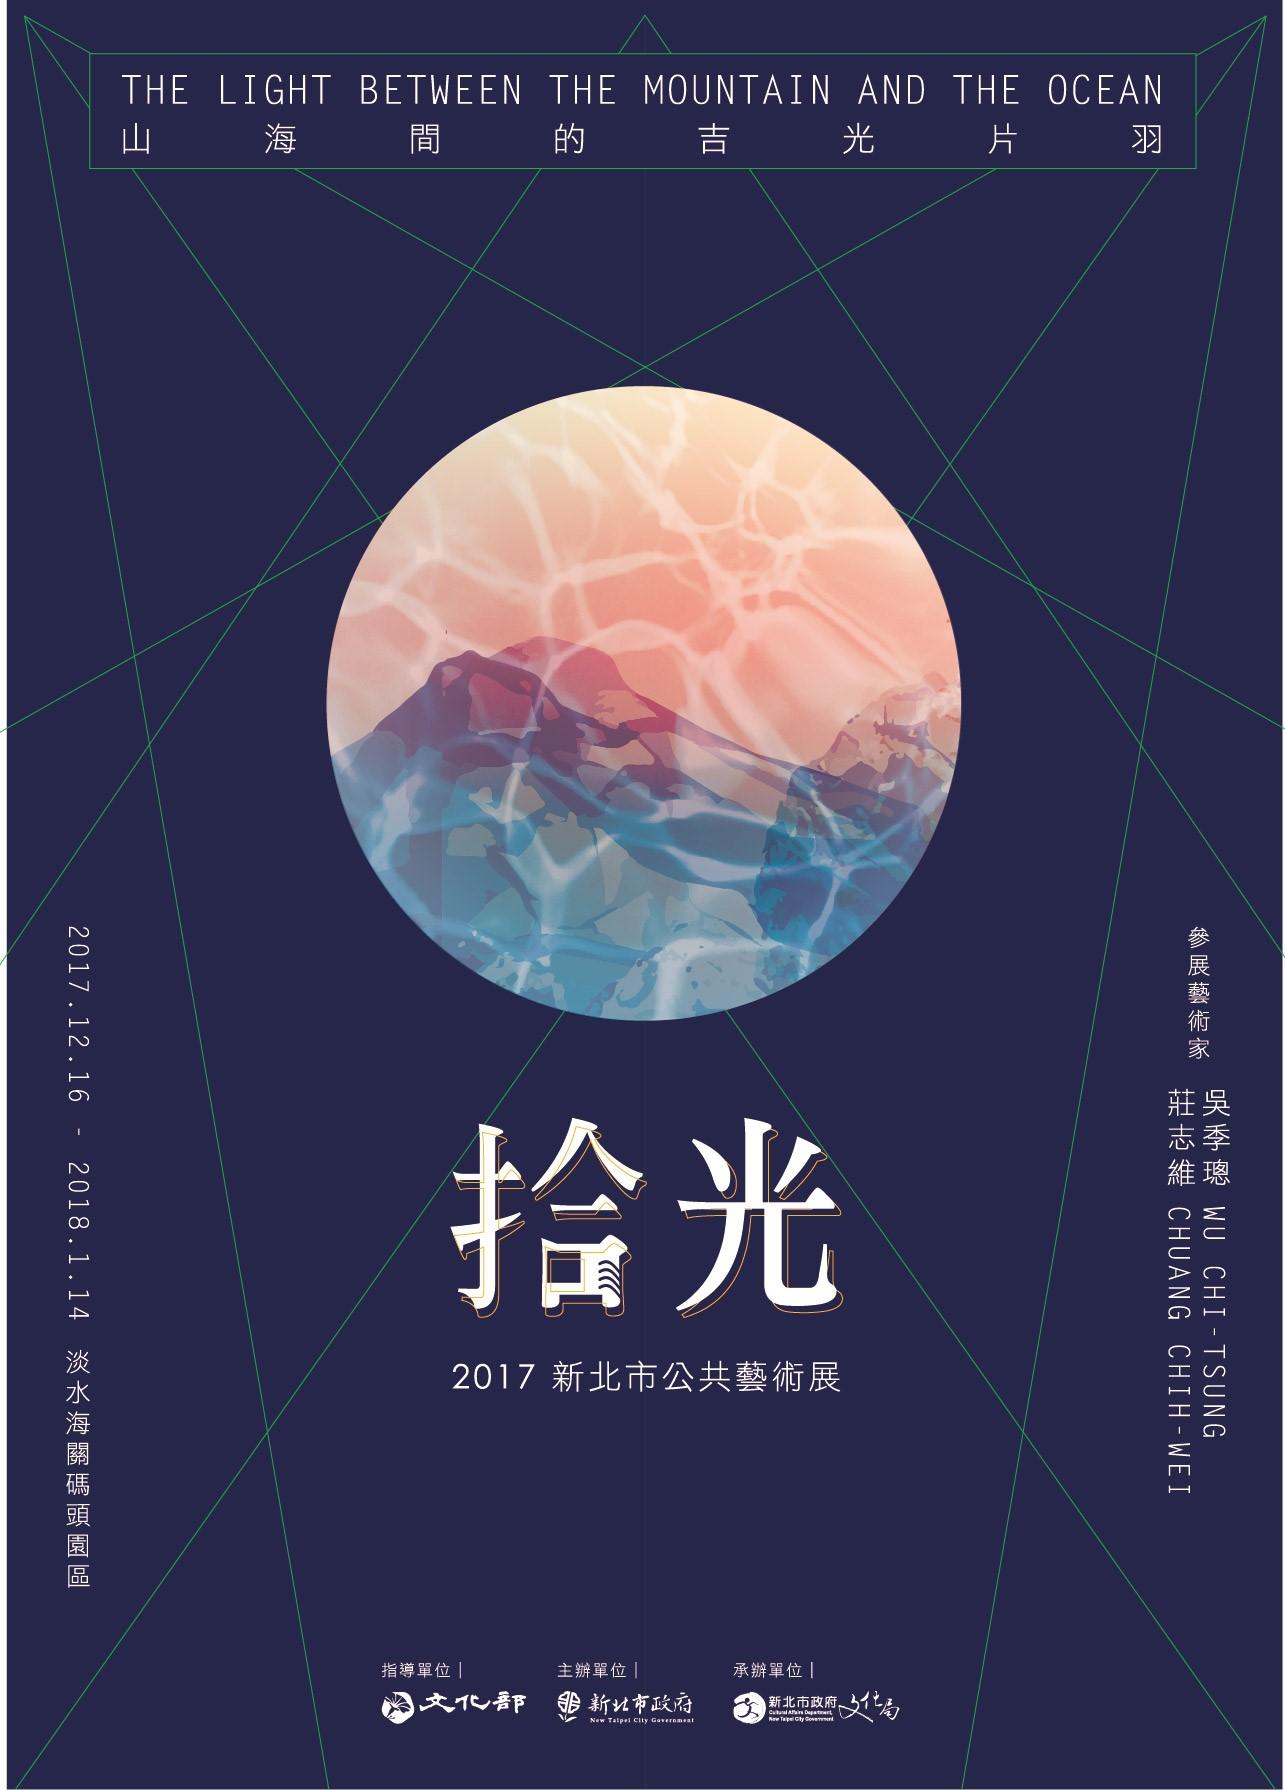 拾光—2017新北市公共藝術展